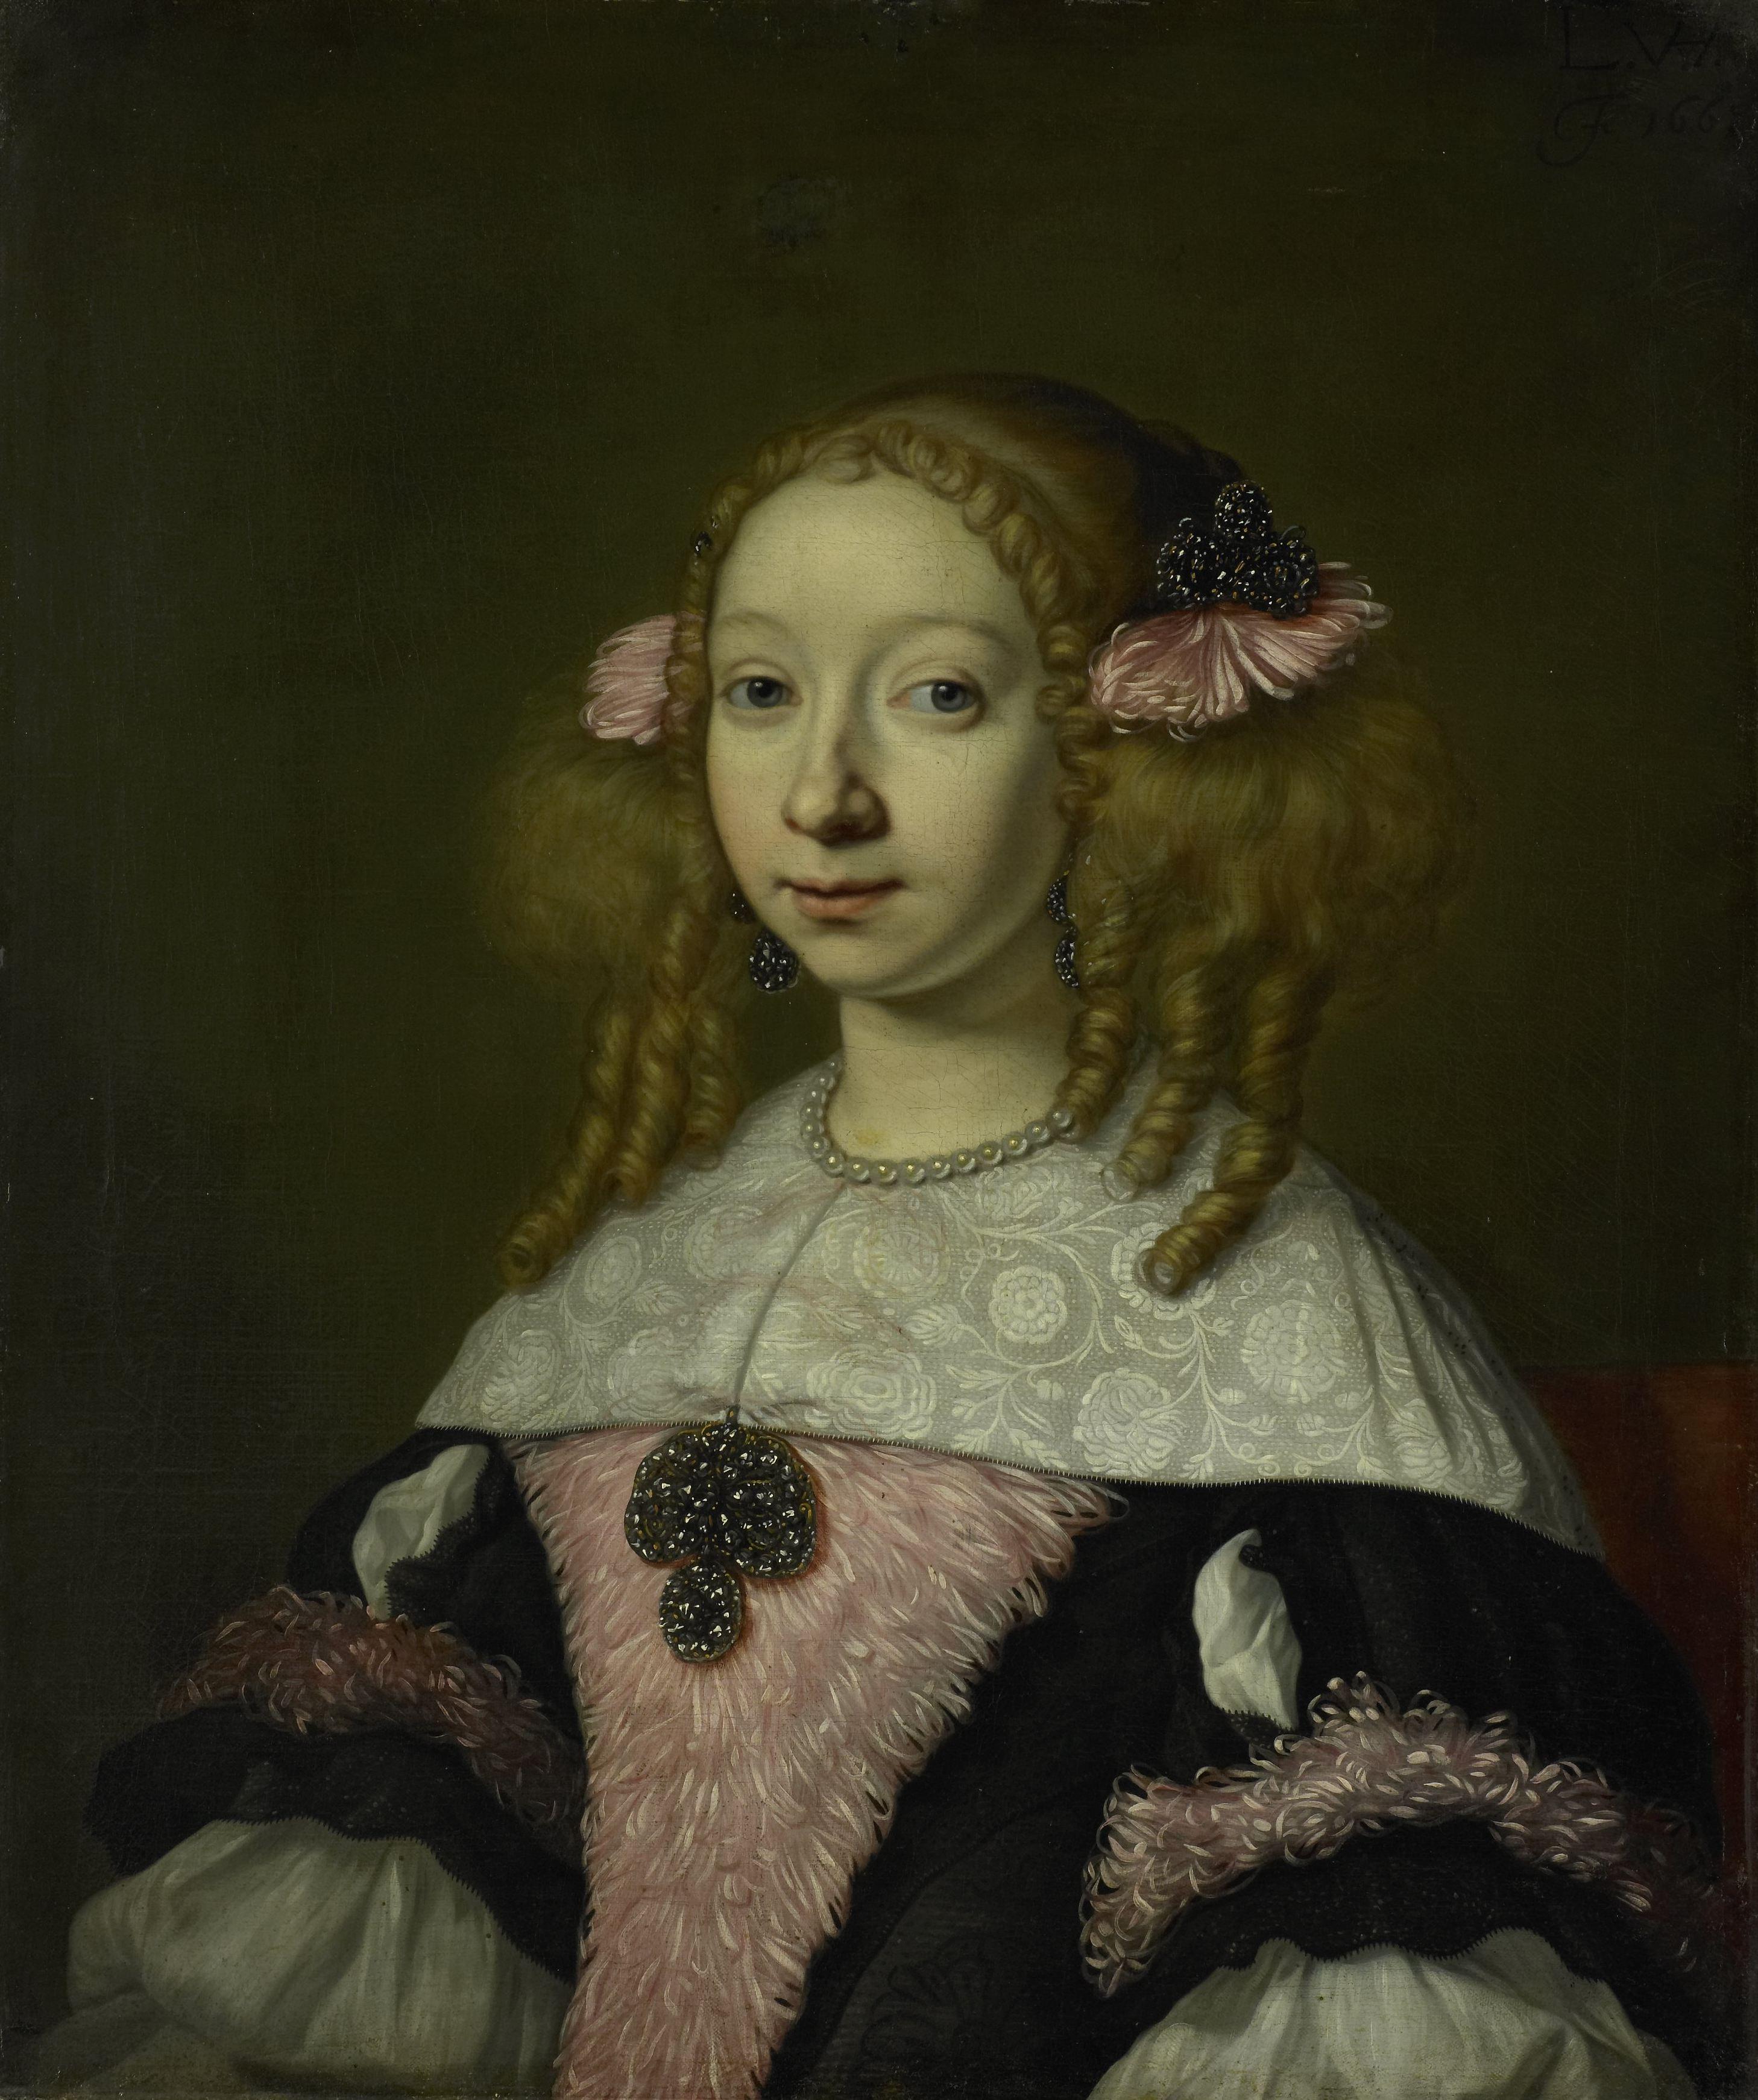 Adriana Jacobus Hinlopen, Lodewijk van der Helst, 1667